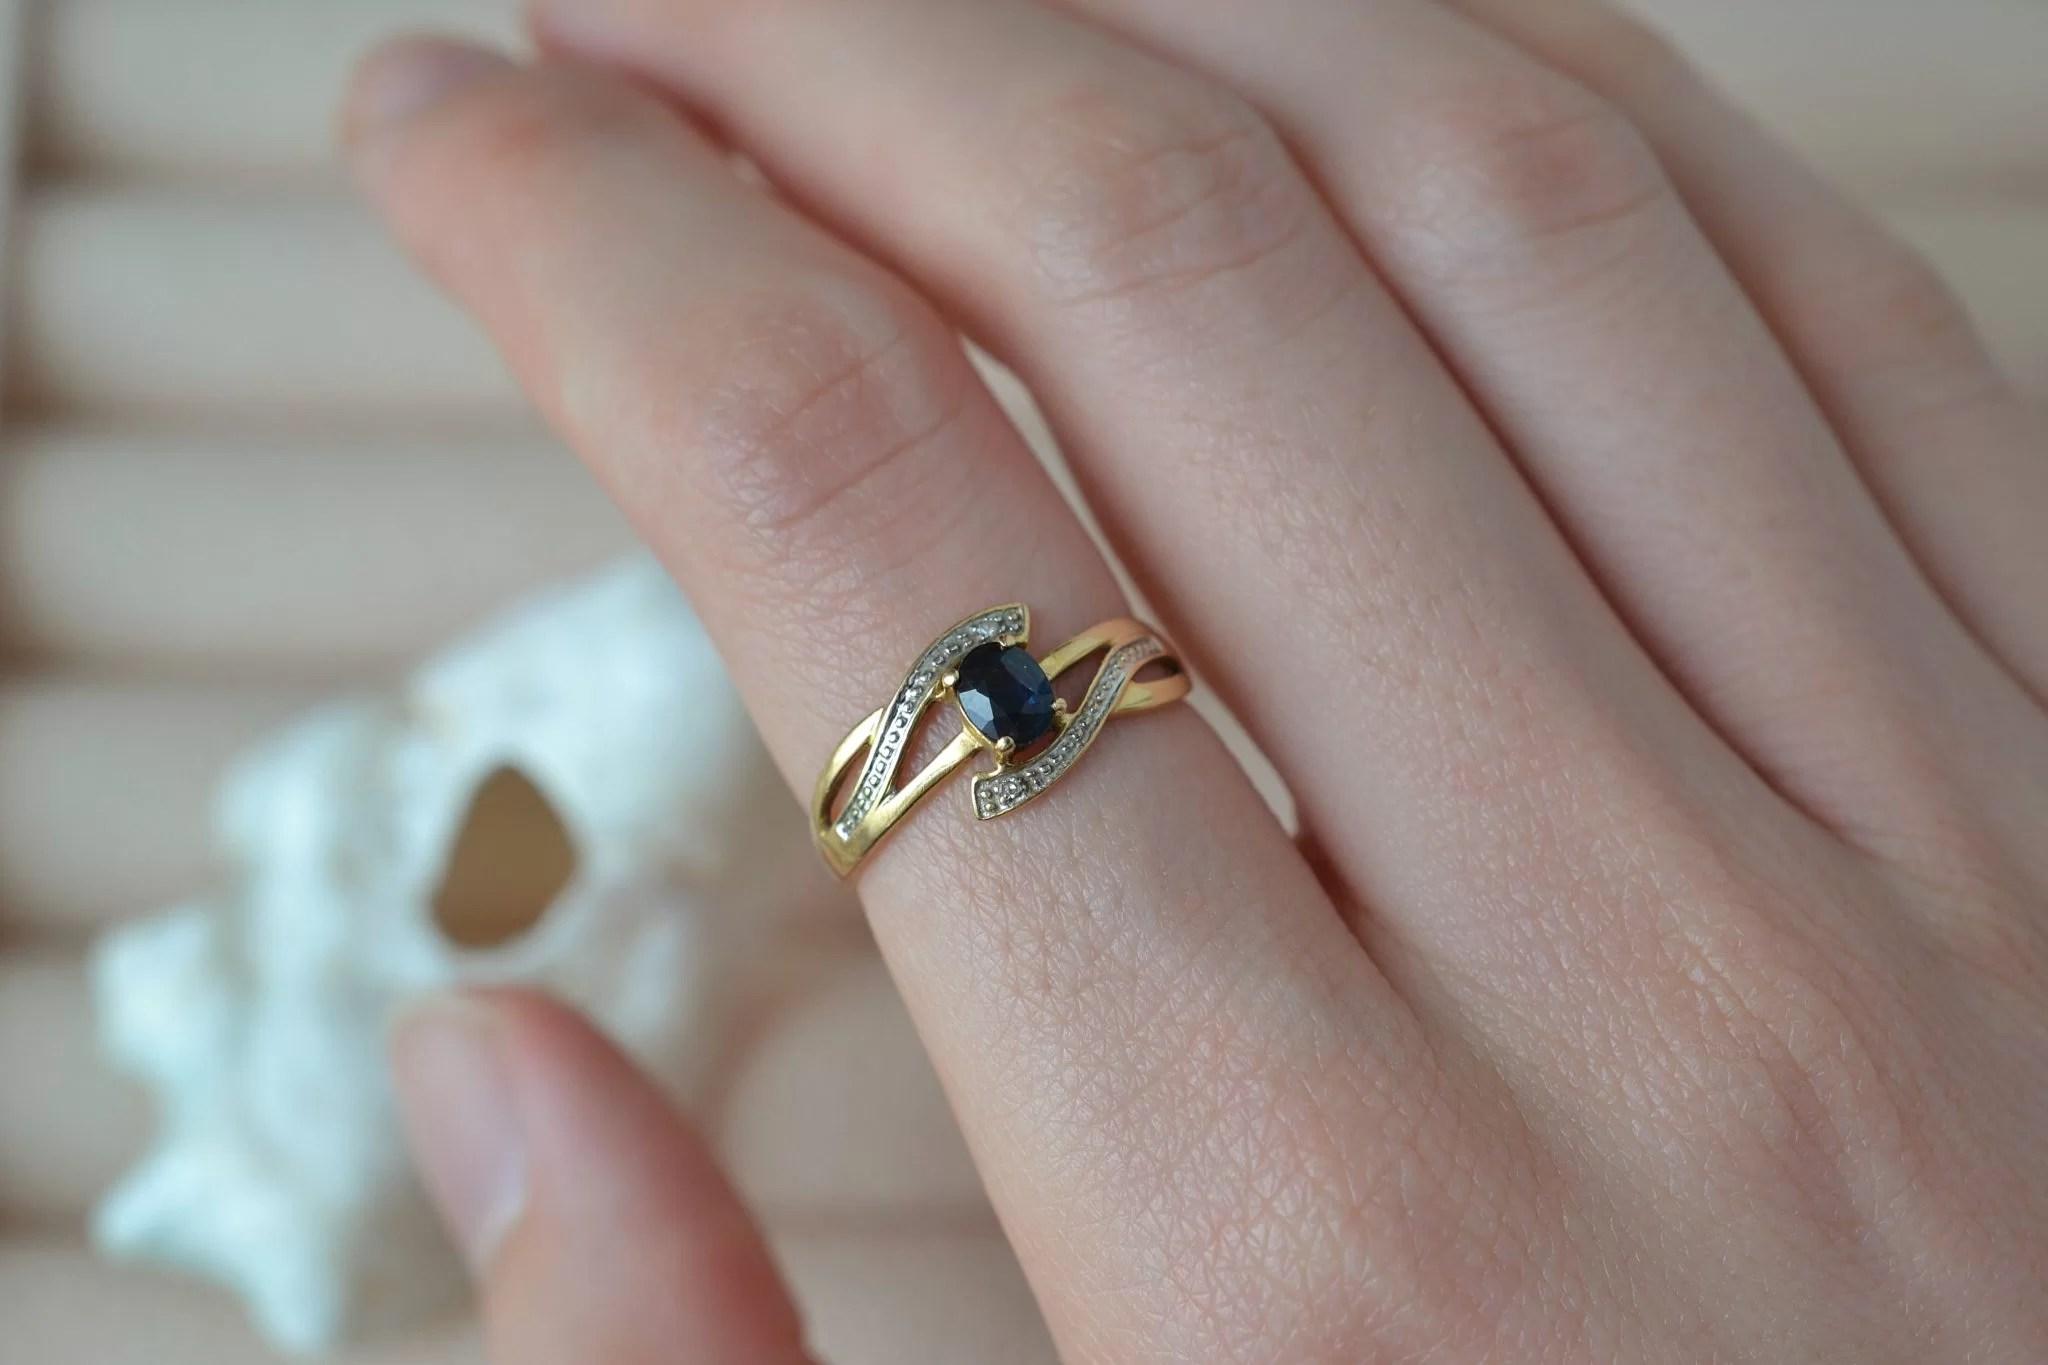 Bague ajourée en Or jaune et Or blanc sertie d_un saphir et de deux petits diamants - bague éthique et éco-responsable